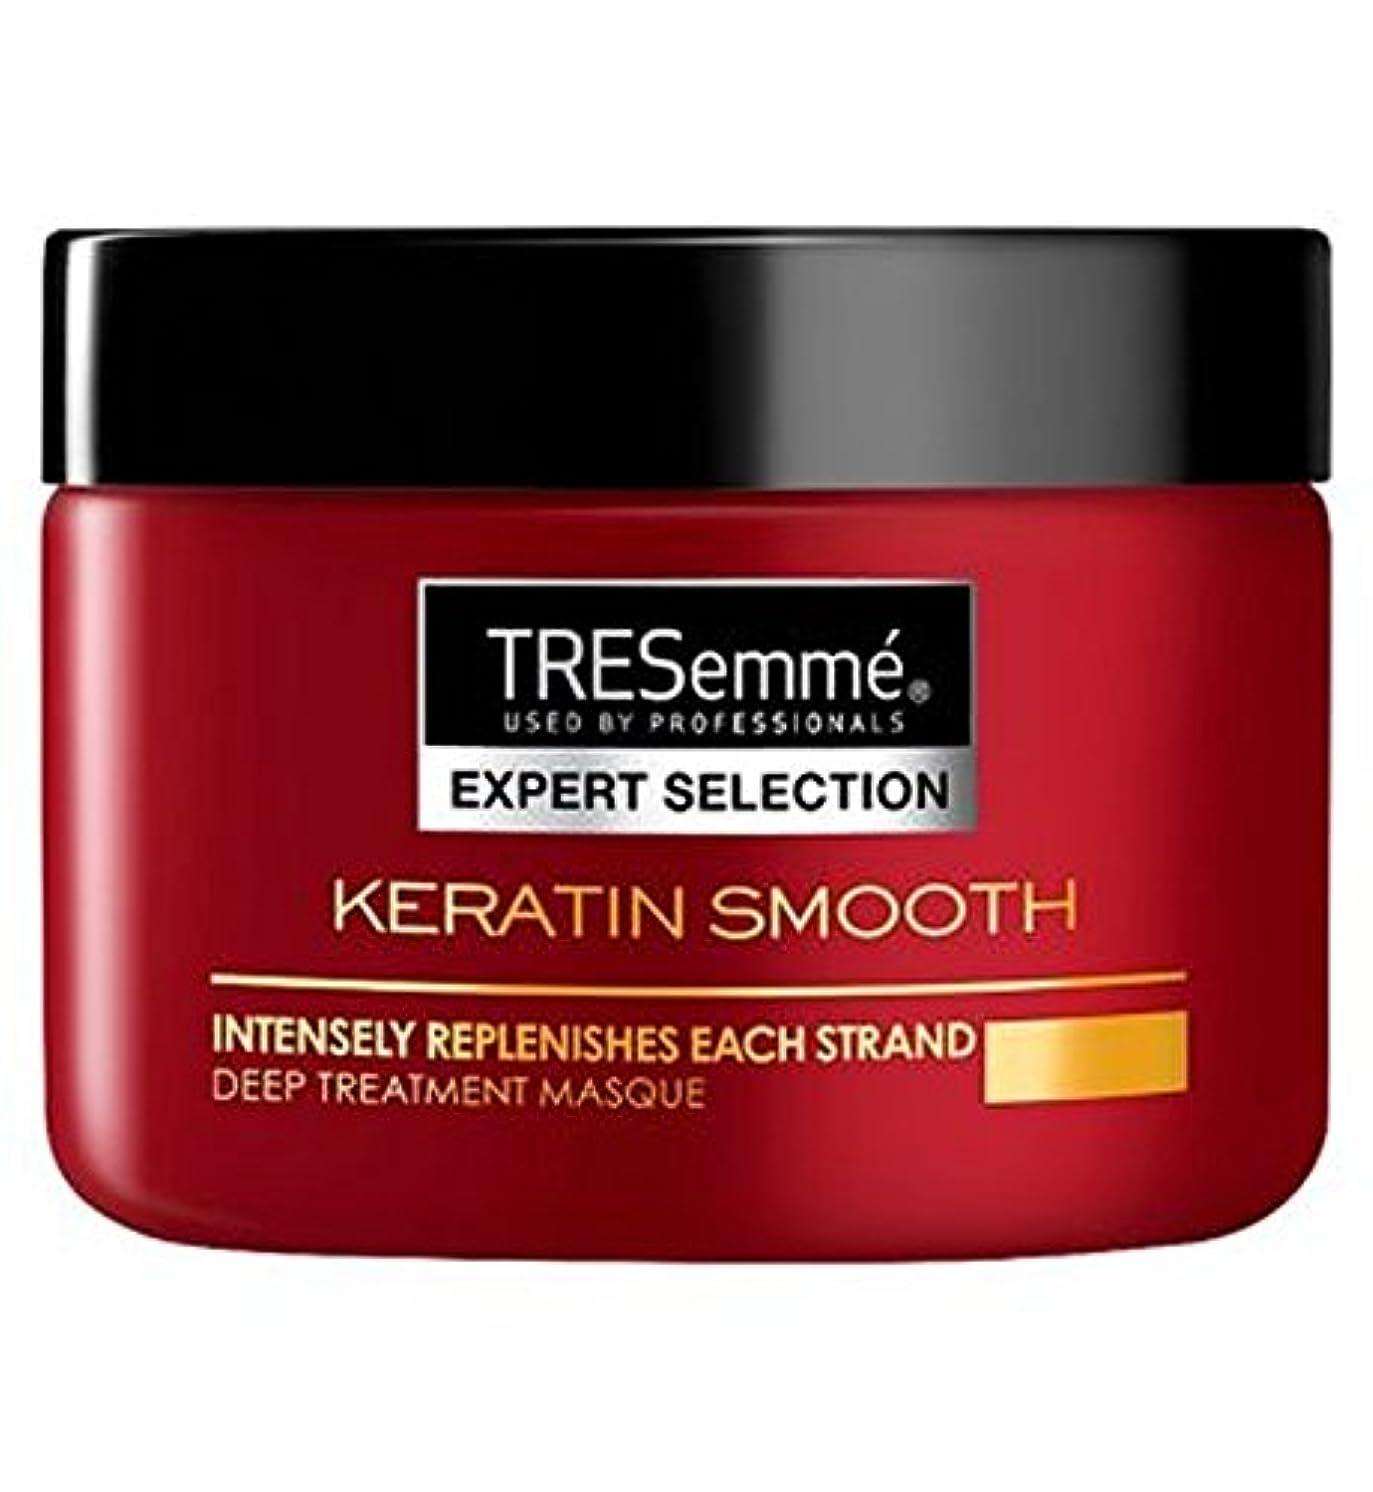 補正乱雑な絶壁Tresemmeケラチン滑らかな深い治療の仮面劇の300ミリリットル (Tresemme) (x2) - Tresemme Keratin Smooth Deep Treatment Masque 300ml (Pack...